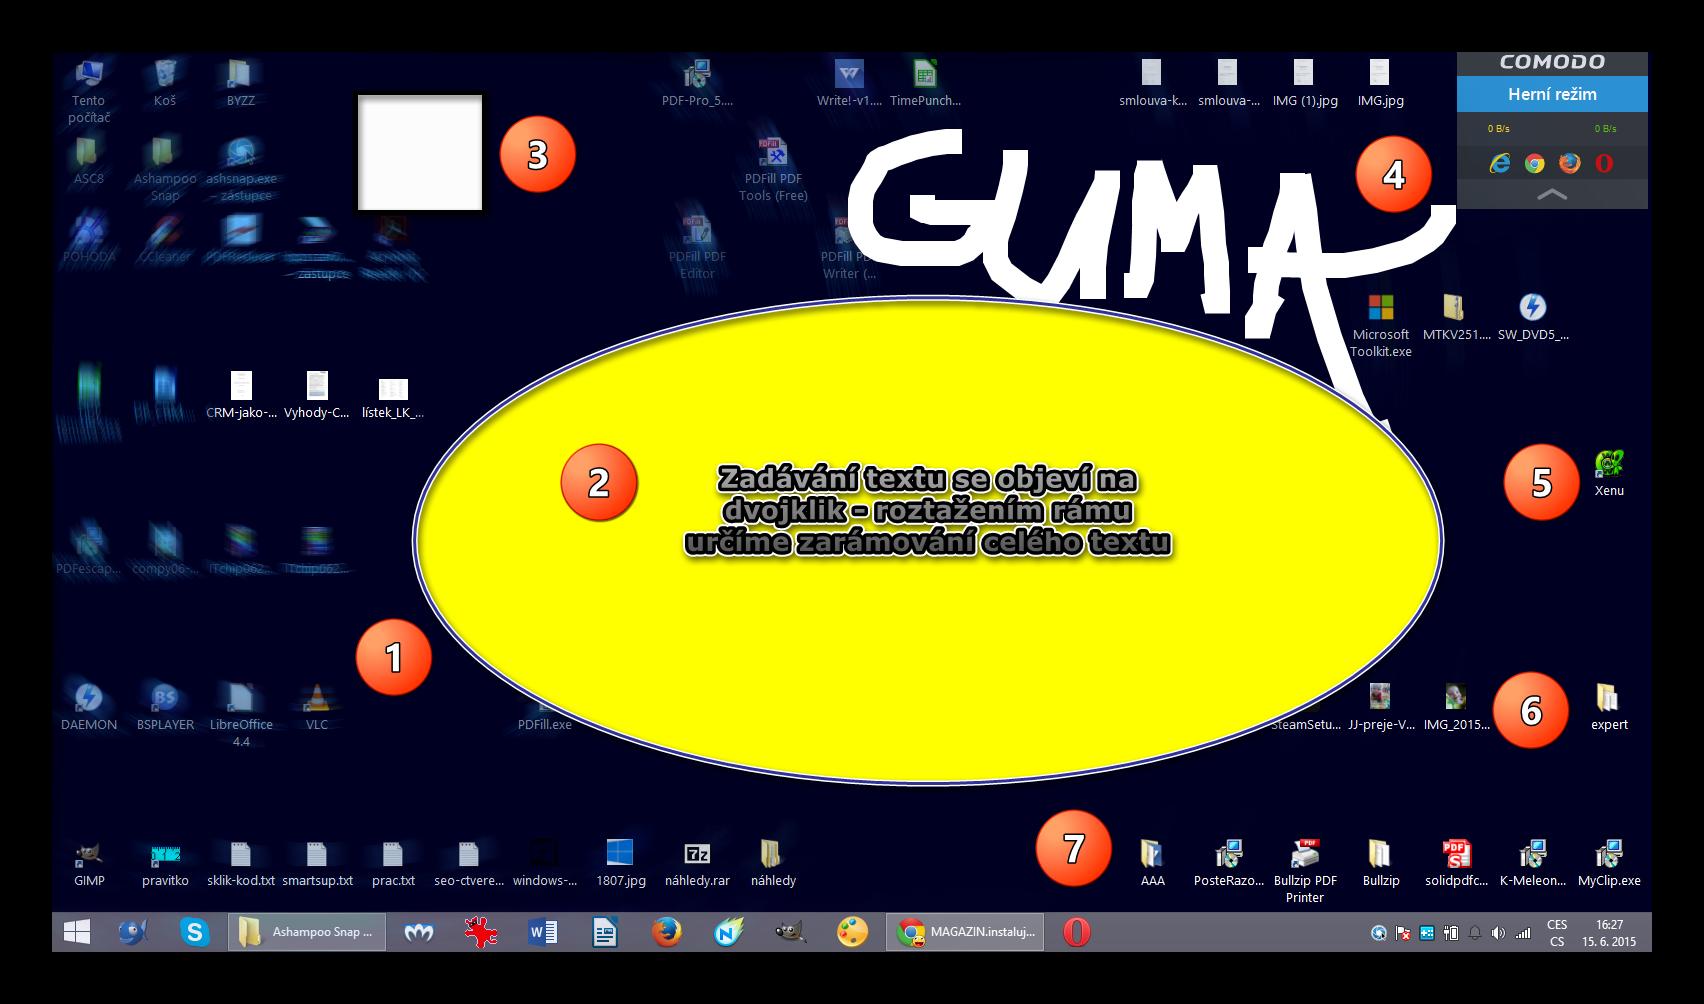 Ashampoo Snap 2015: zachycený fullscreen a aplikace několika nástrojů